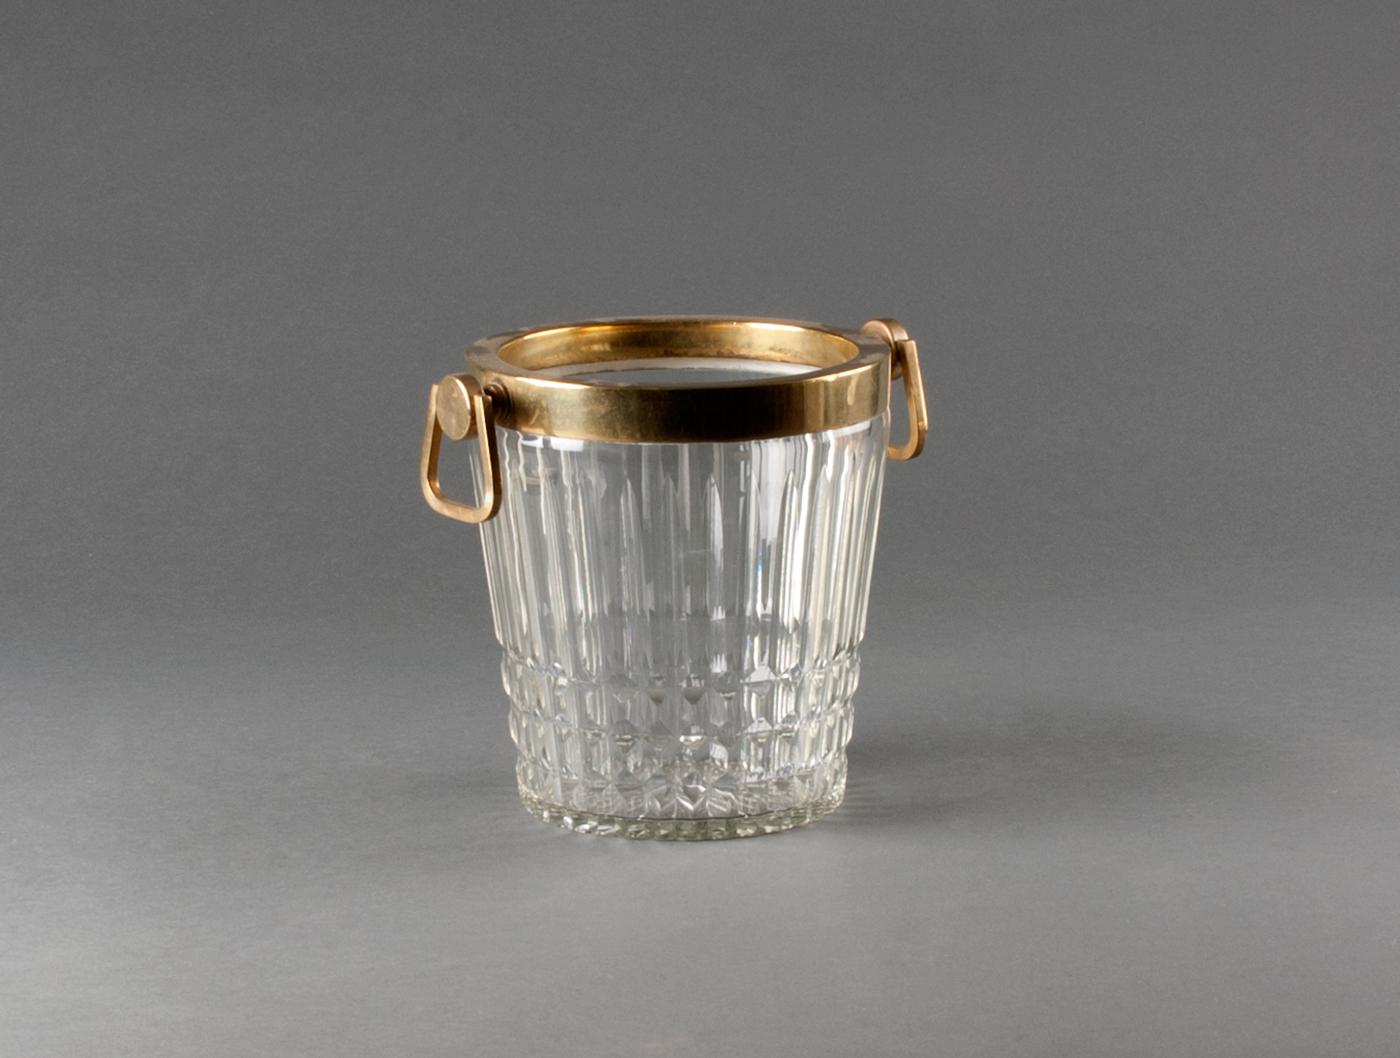 seau champagne en cristal taill soubrier louer accessoires verrerie xxe. Black Bedroom Furniture Sets. Home Design Ideas